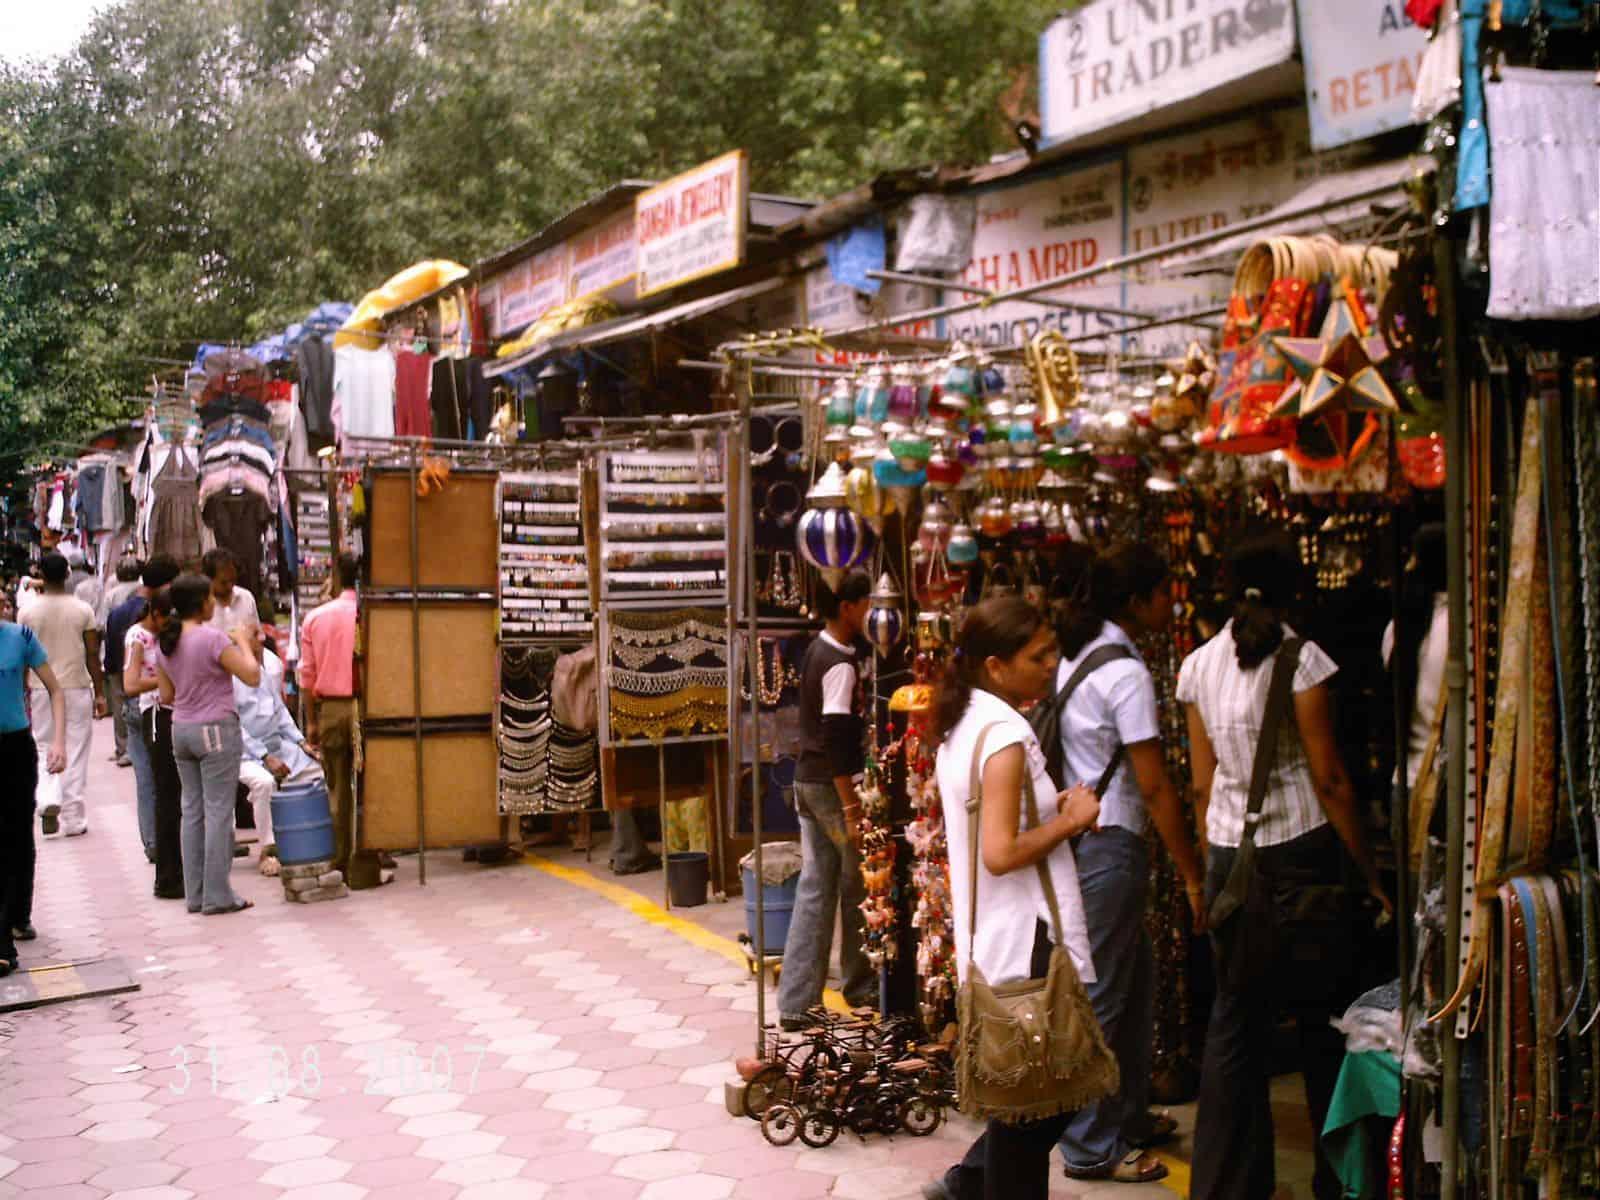 سوق جانباث بازار